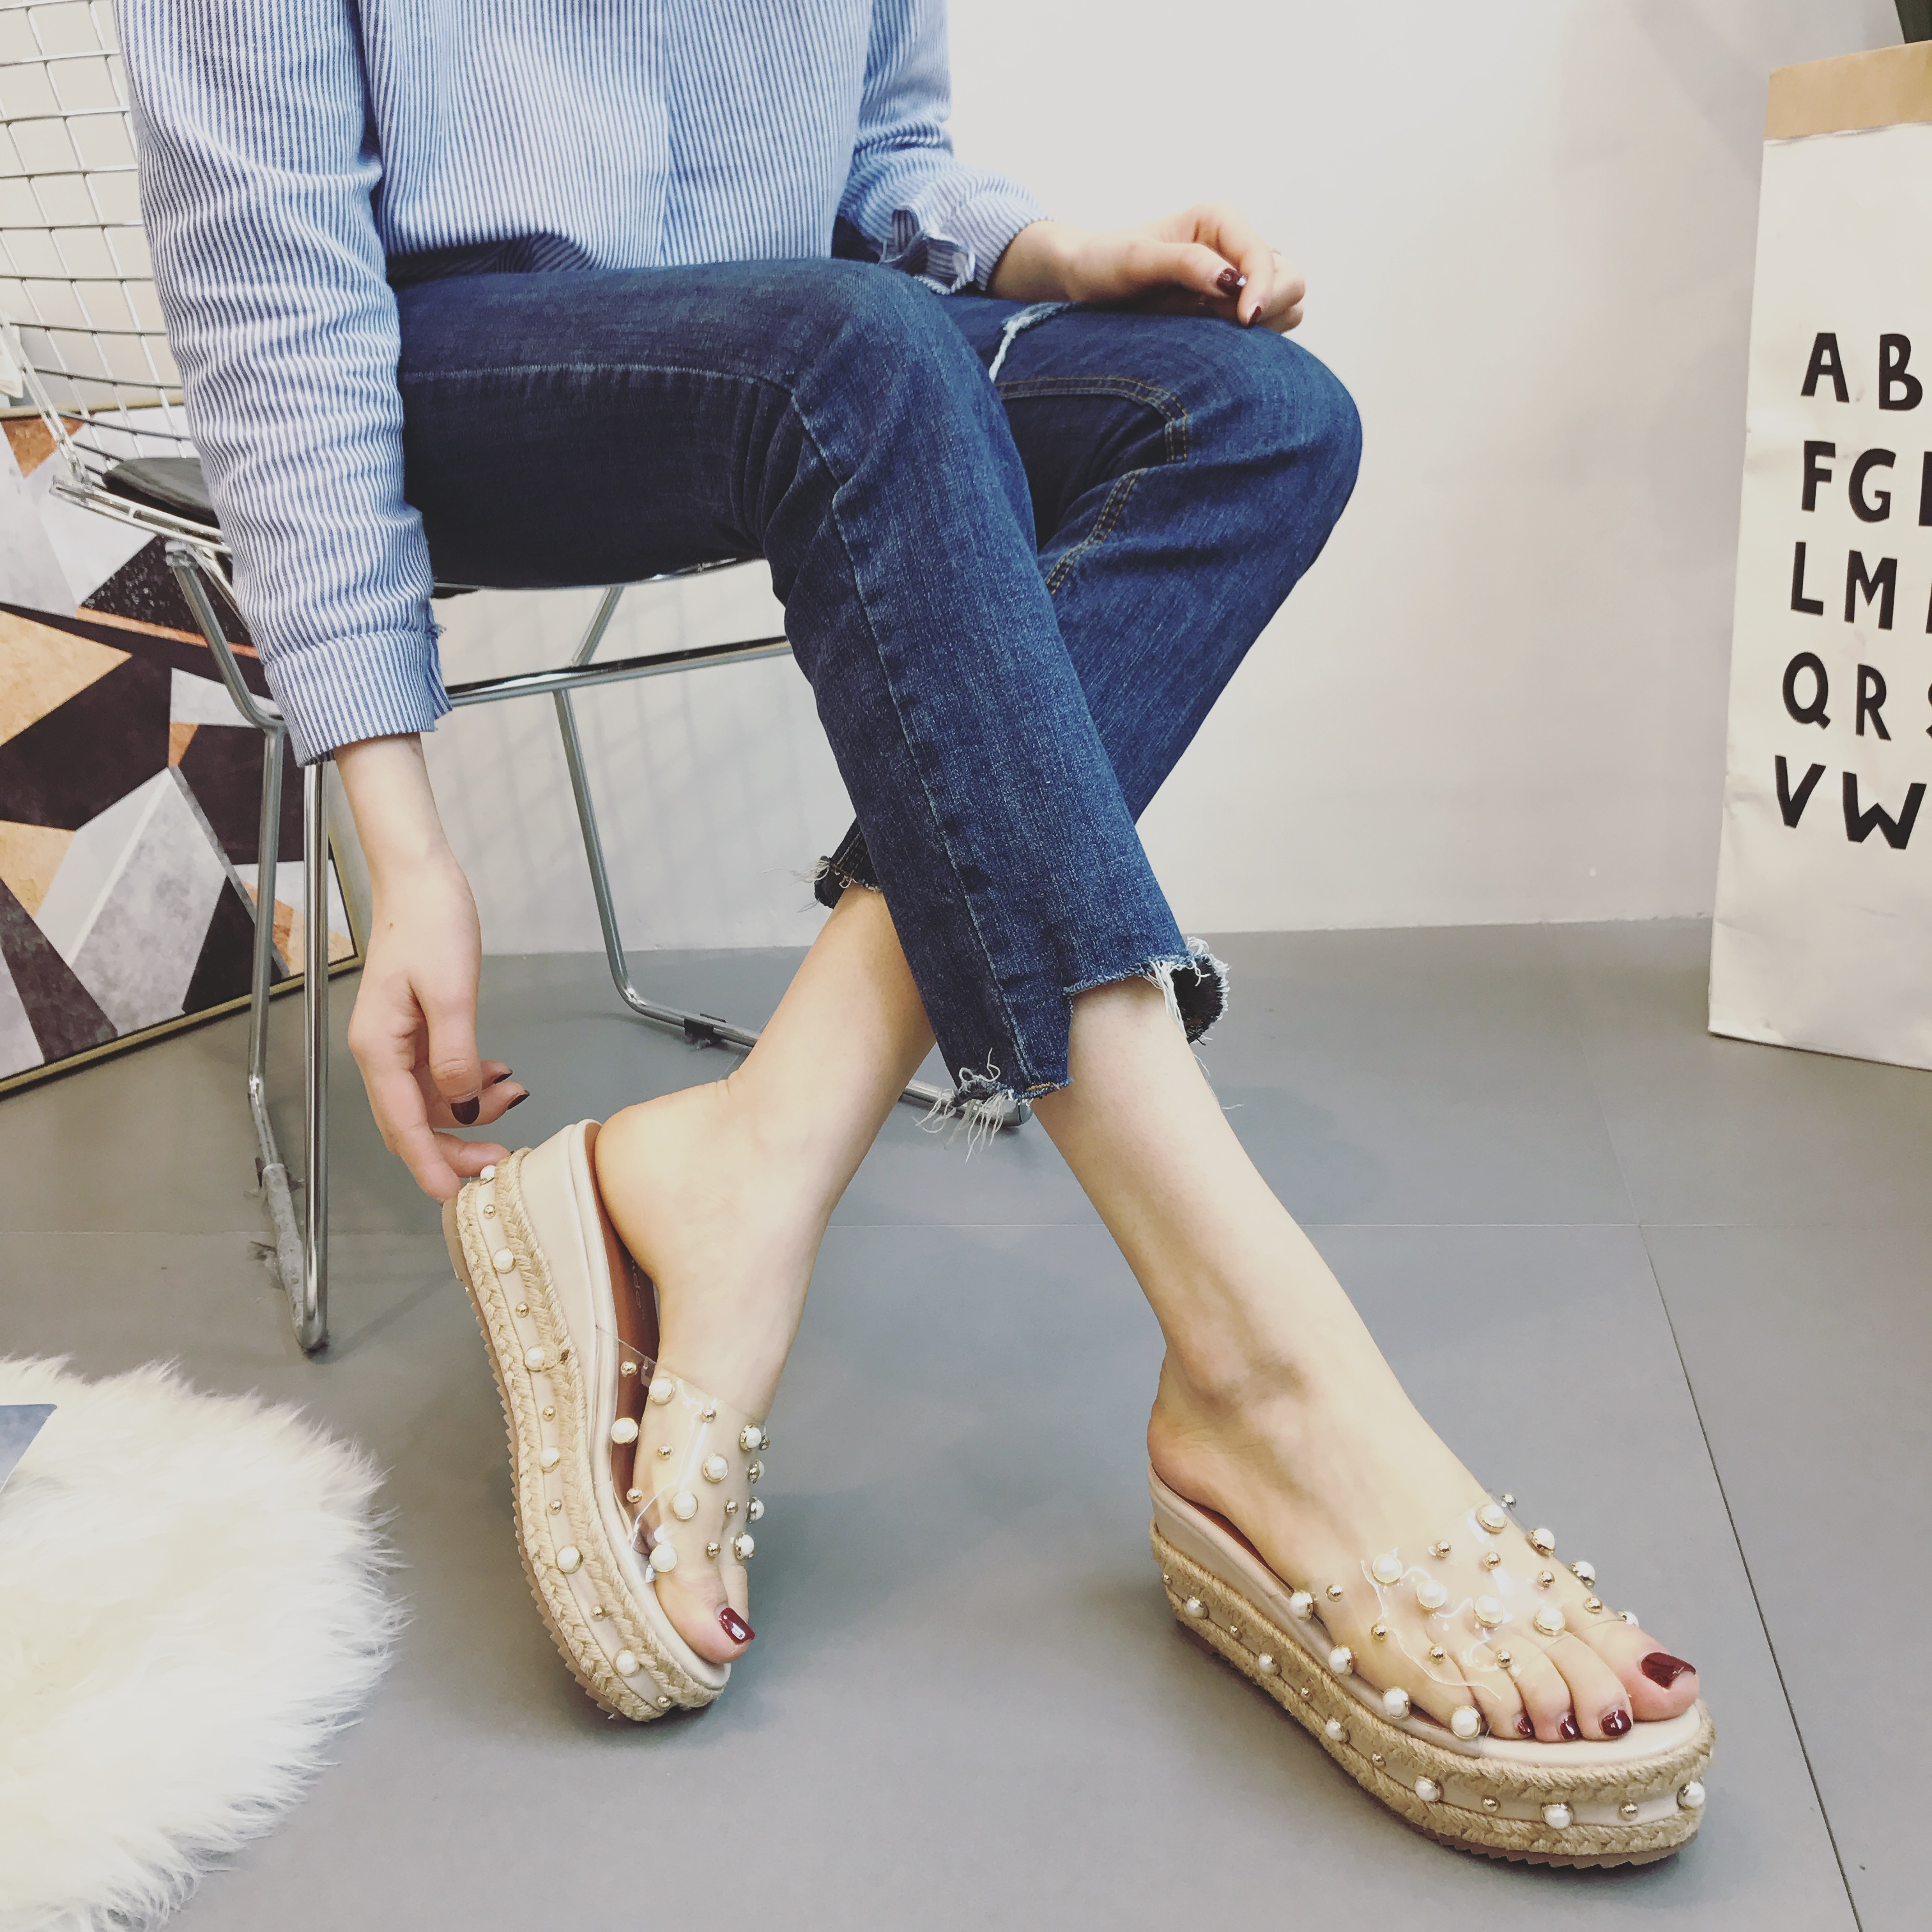 珍珠一字拖鞋2017夏季新款韩版厚底松糕草编底铆钉坡跟水晶凉鞋女